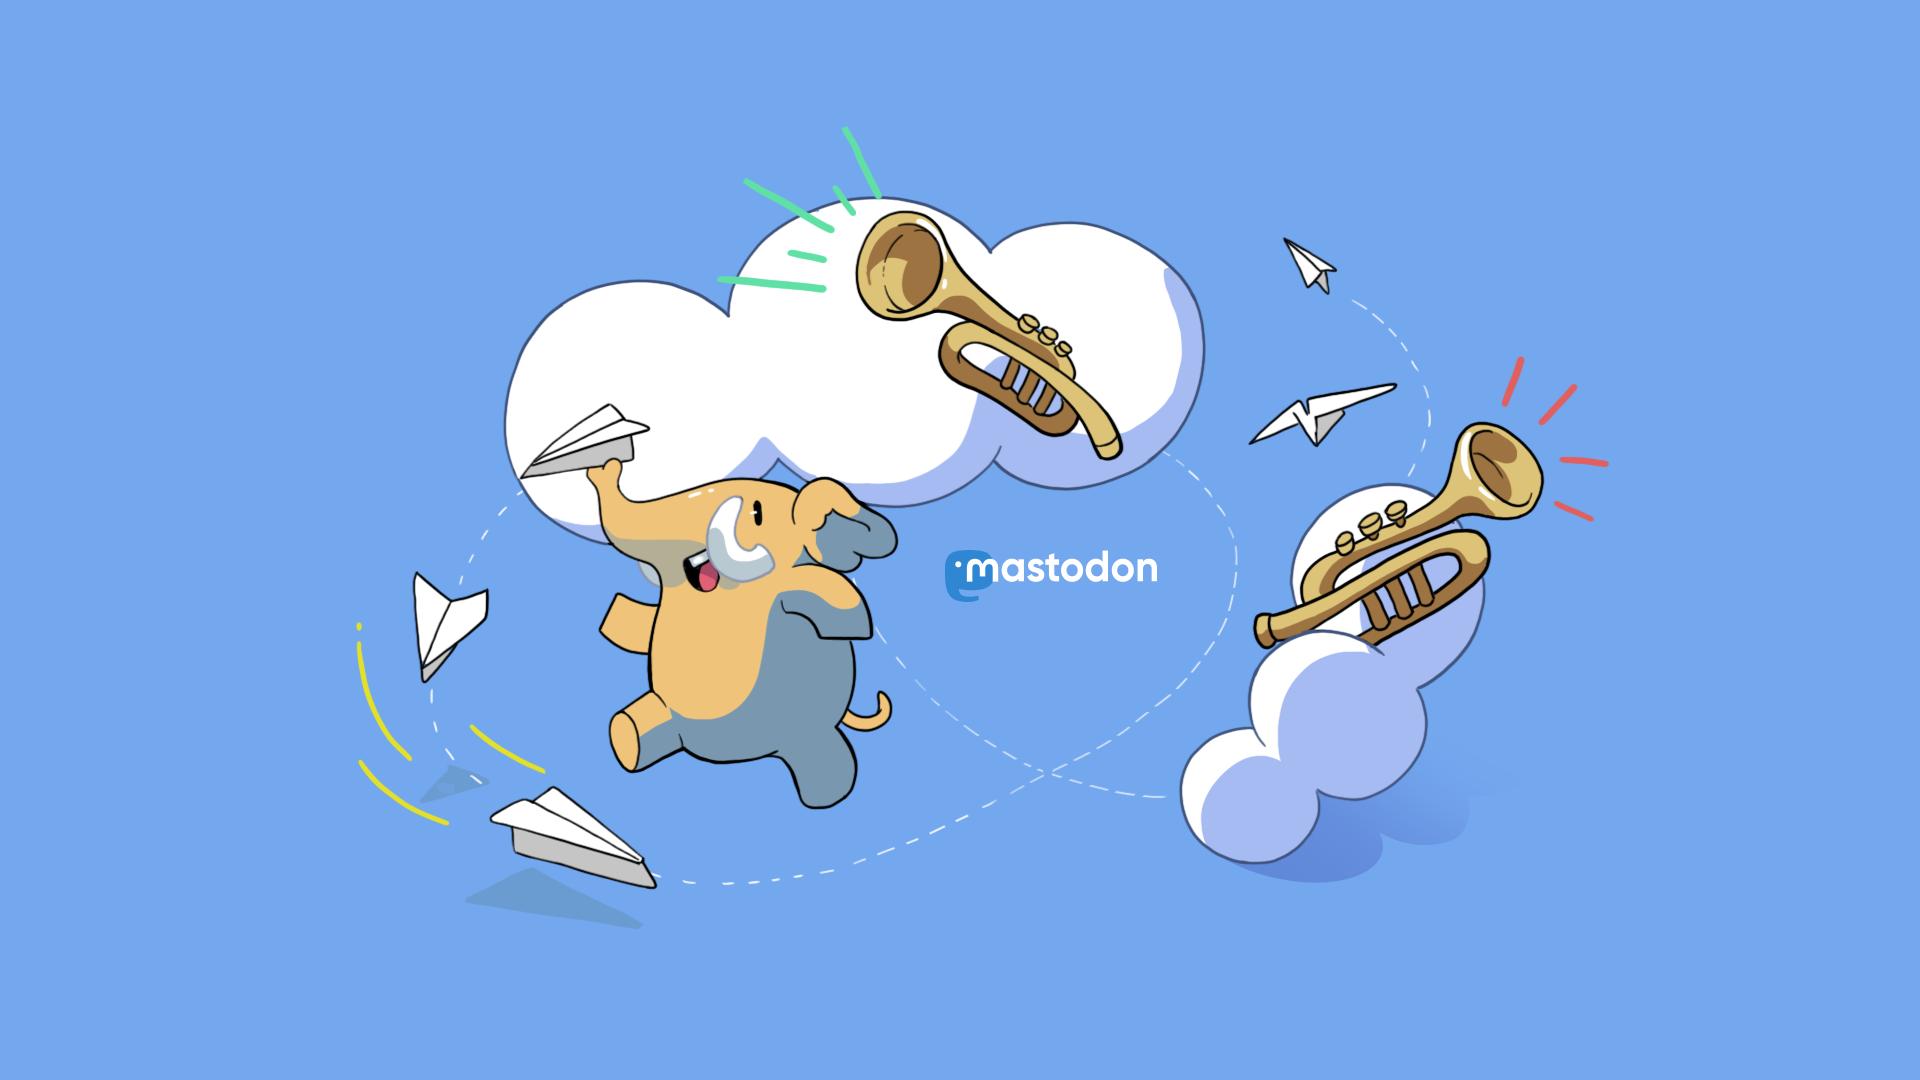 Ein Papierflieger-sendender Elefant kreist mit Trompeten um das Mastodon-Logo